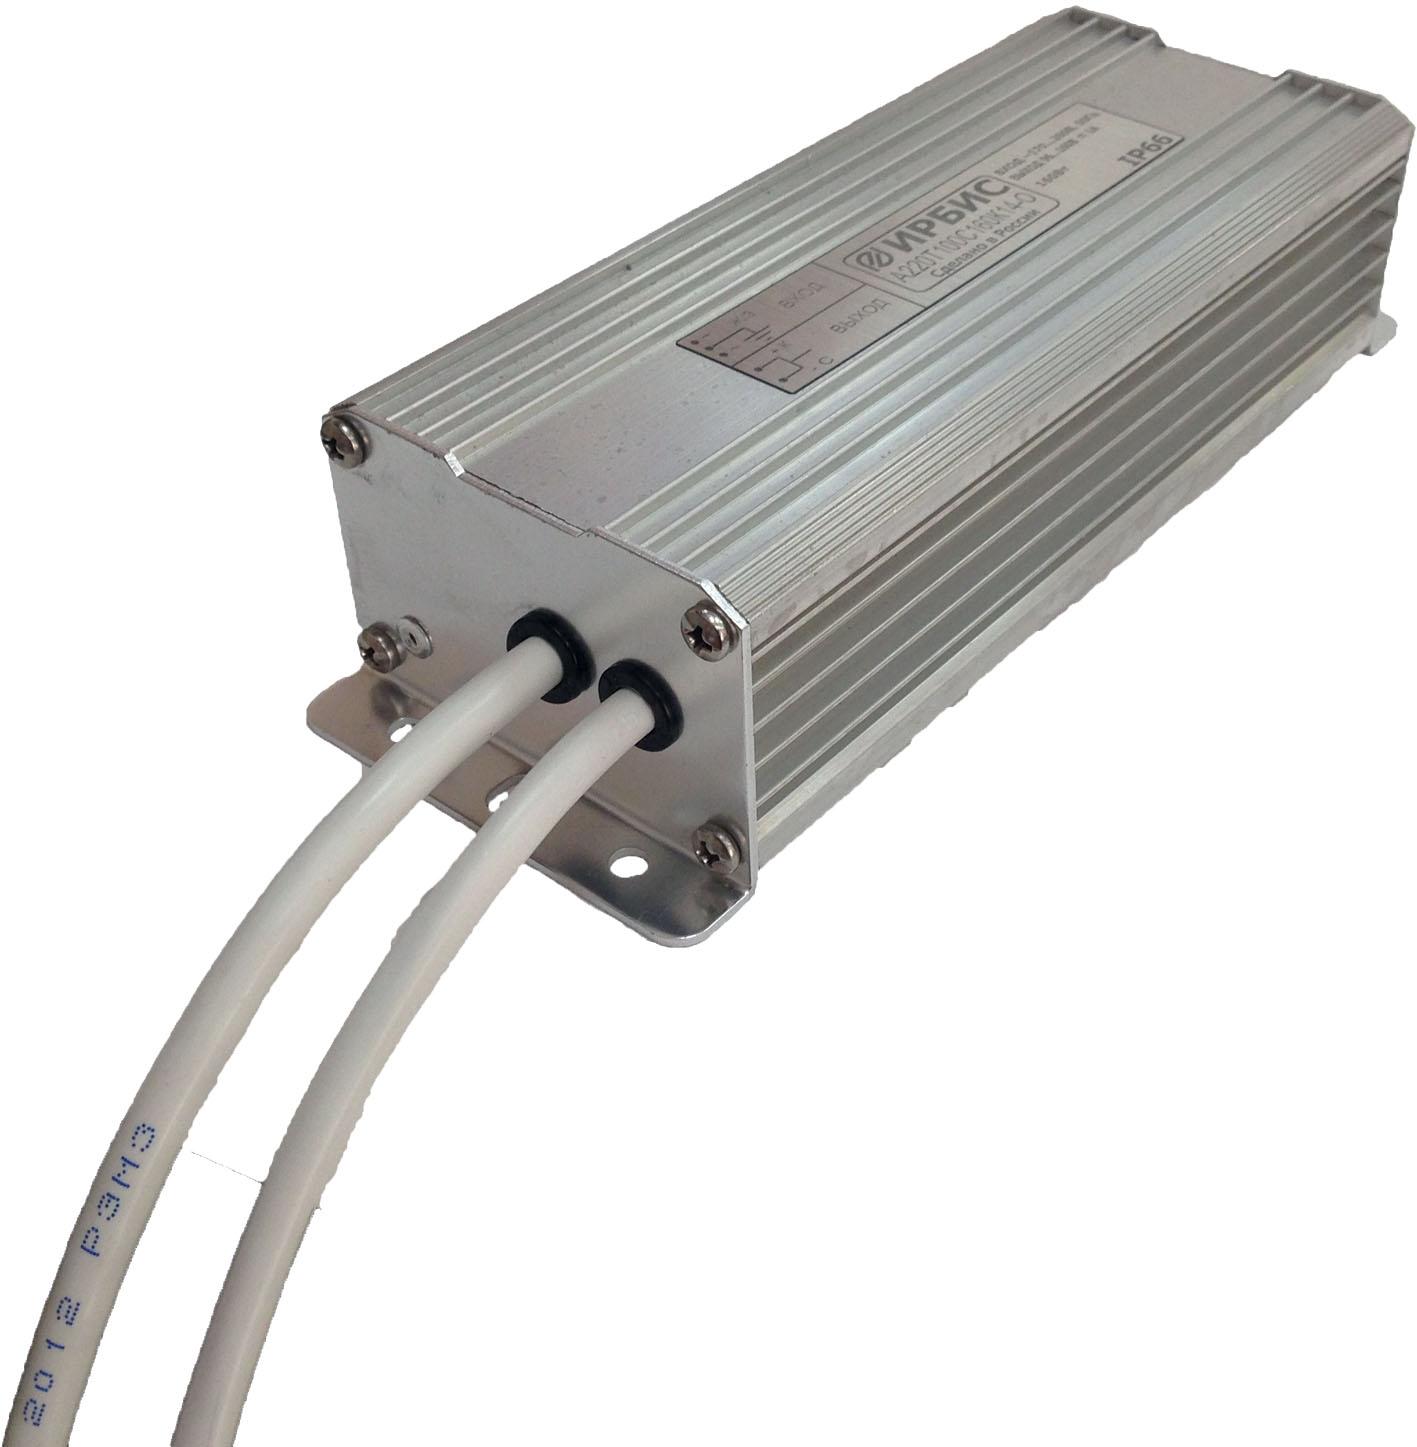 Источник питания мощностью 160 Вт для светодиодов